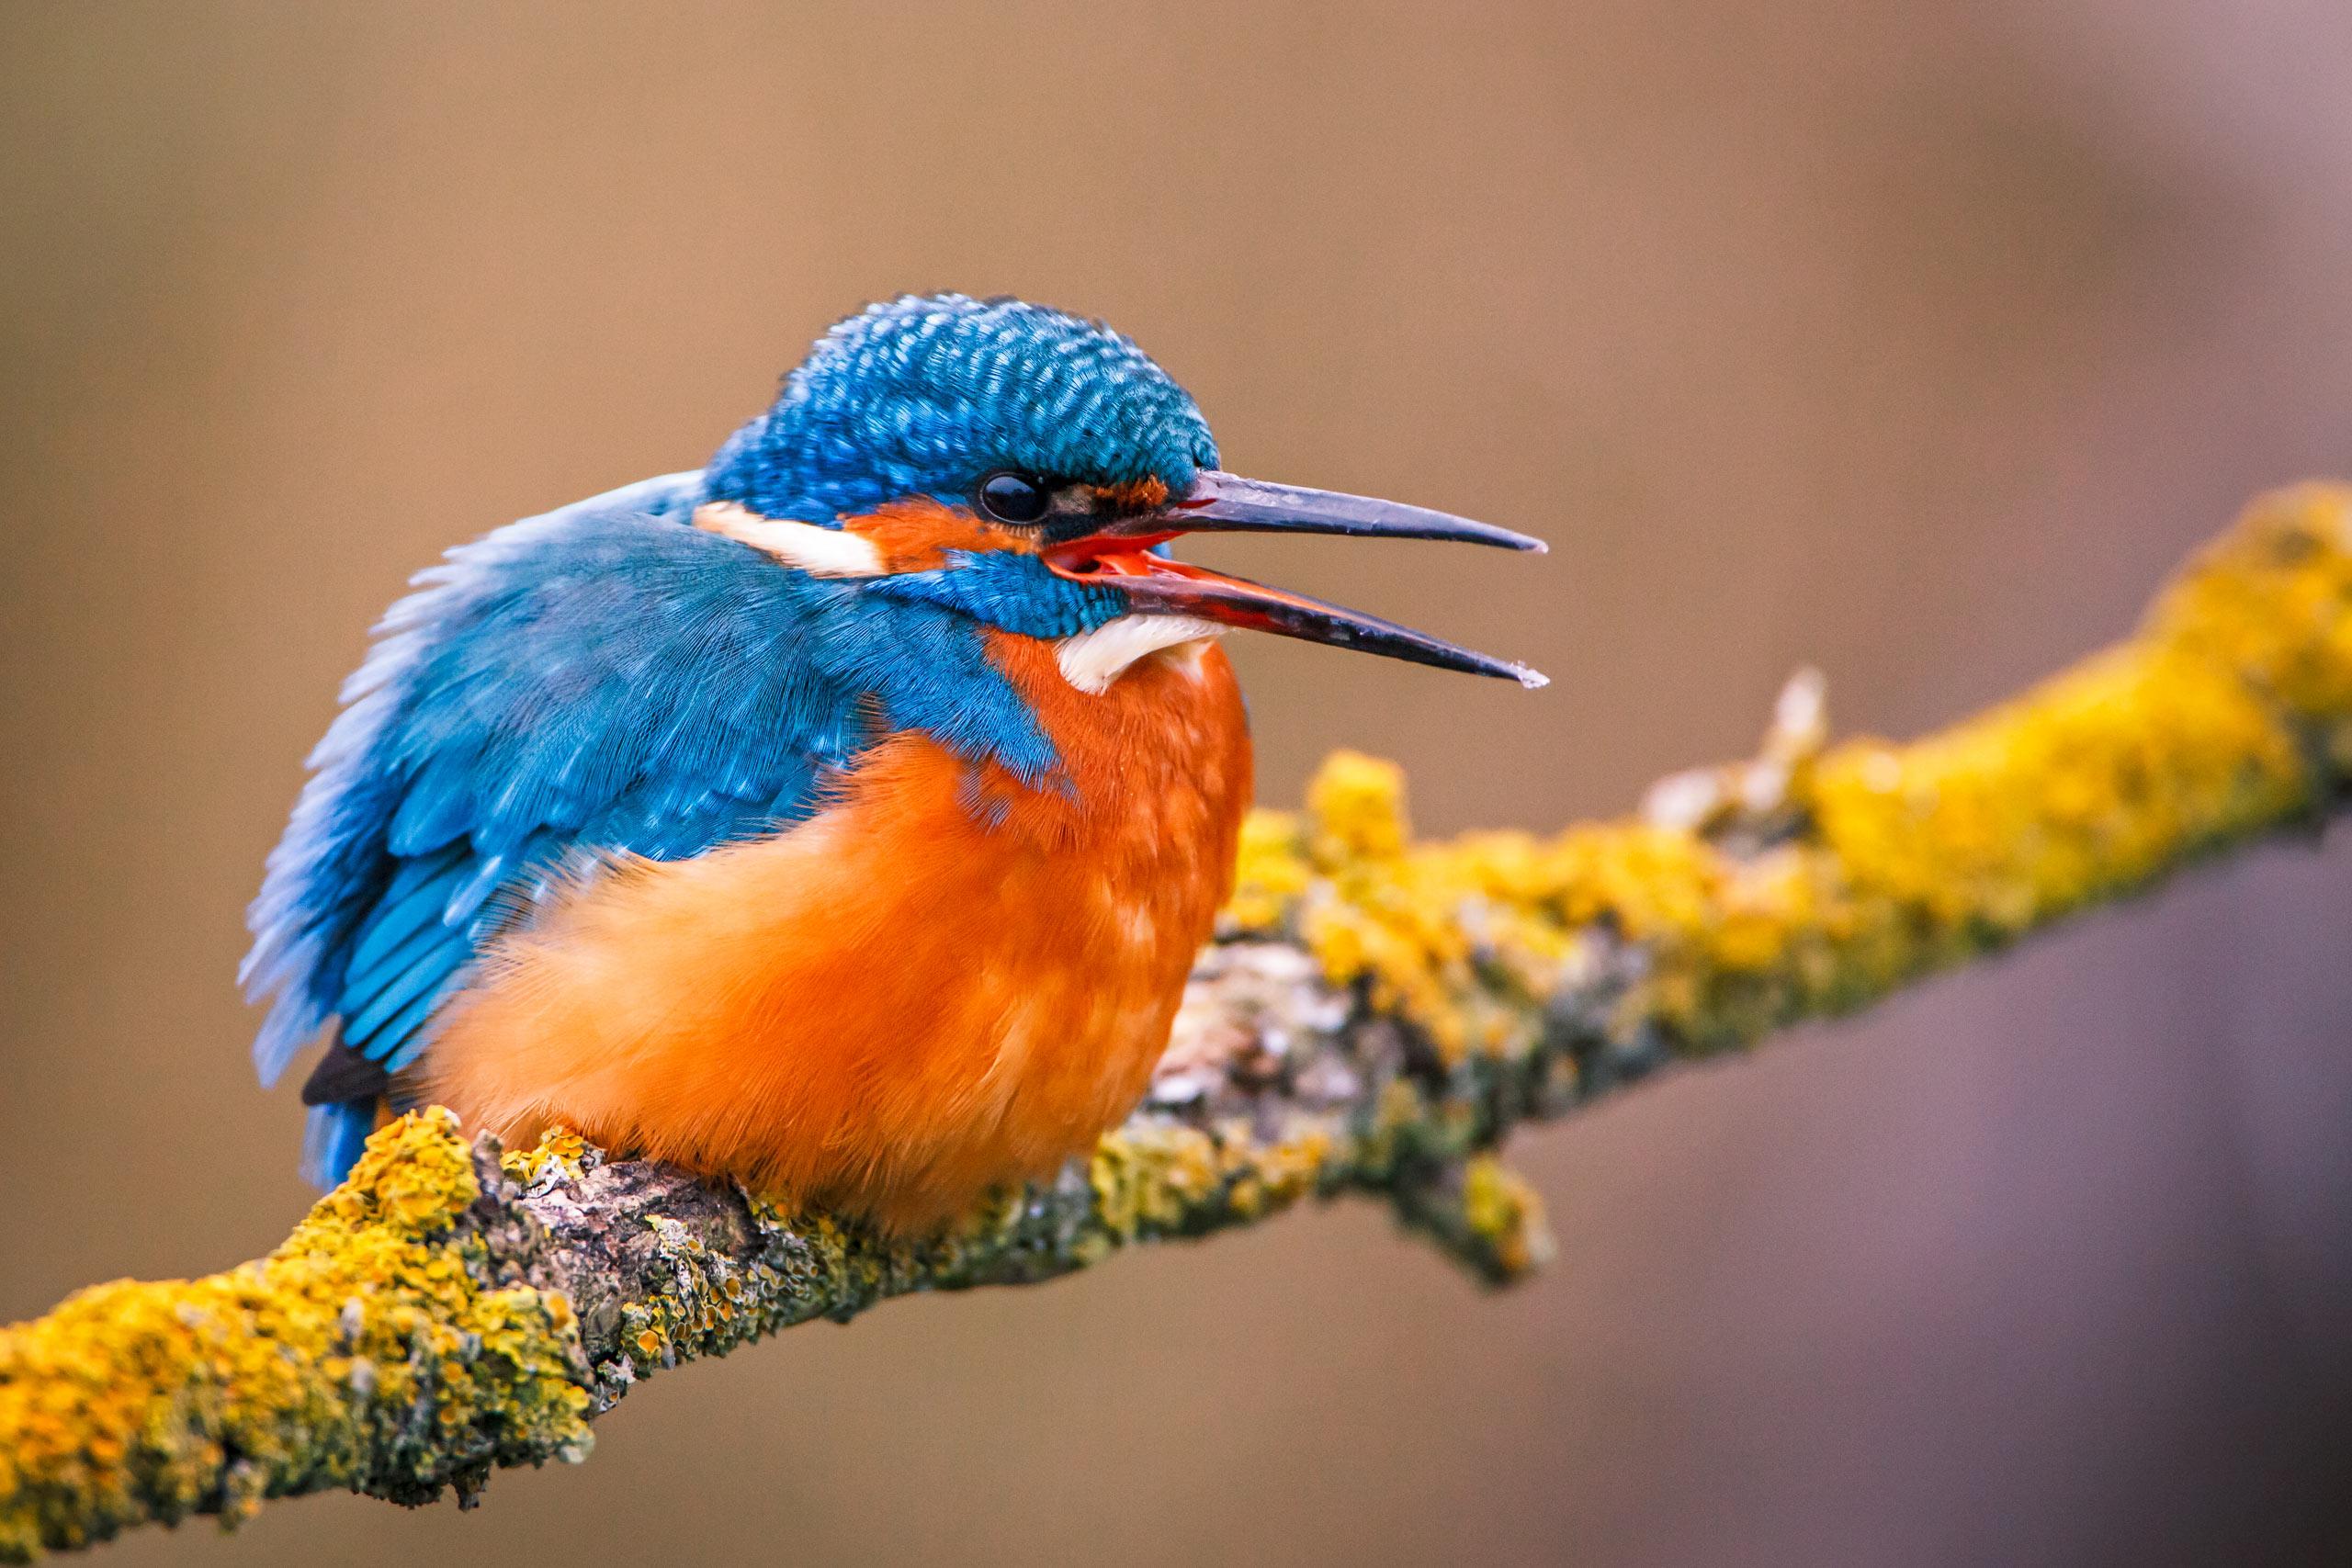 Tom_Schueler_Fotografie_Wildlife_Birds_8